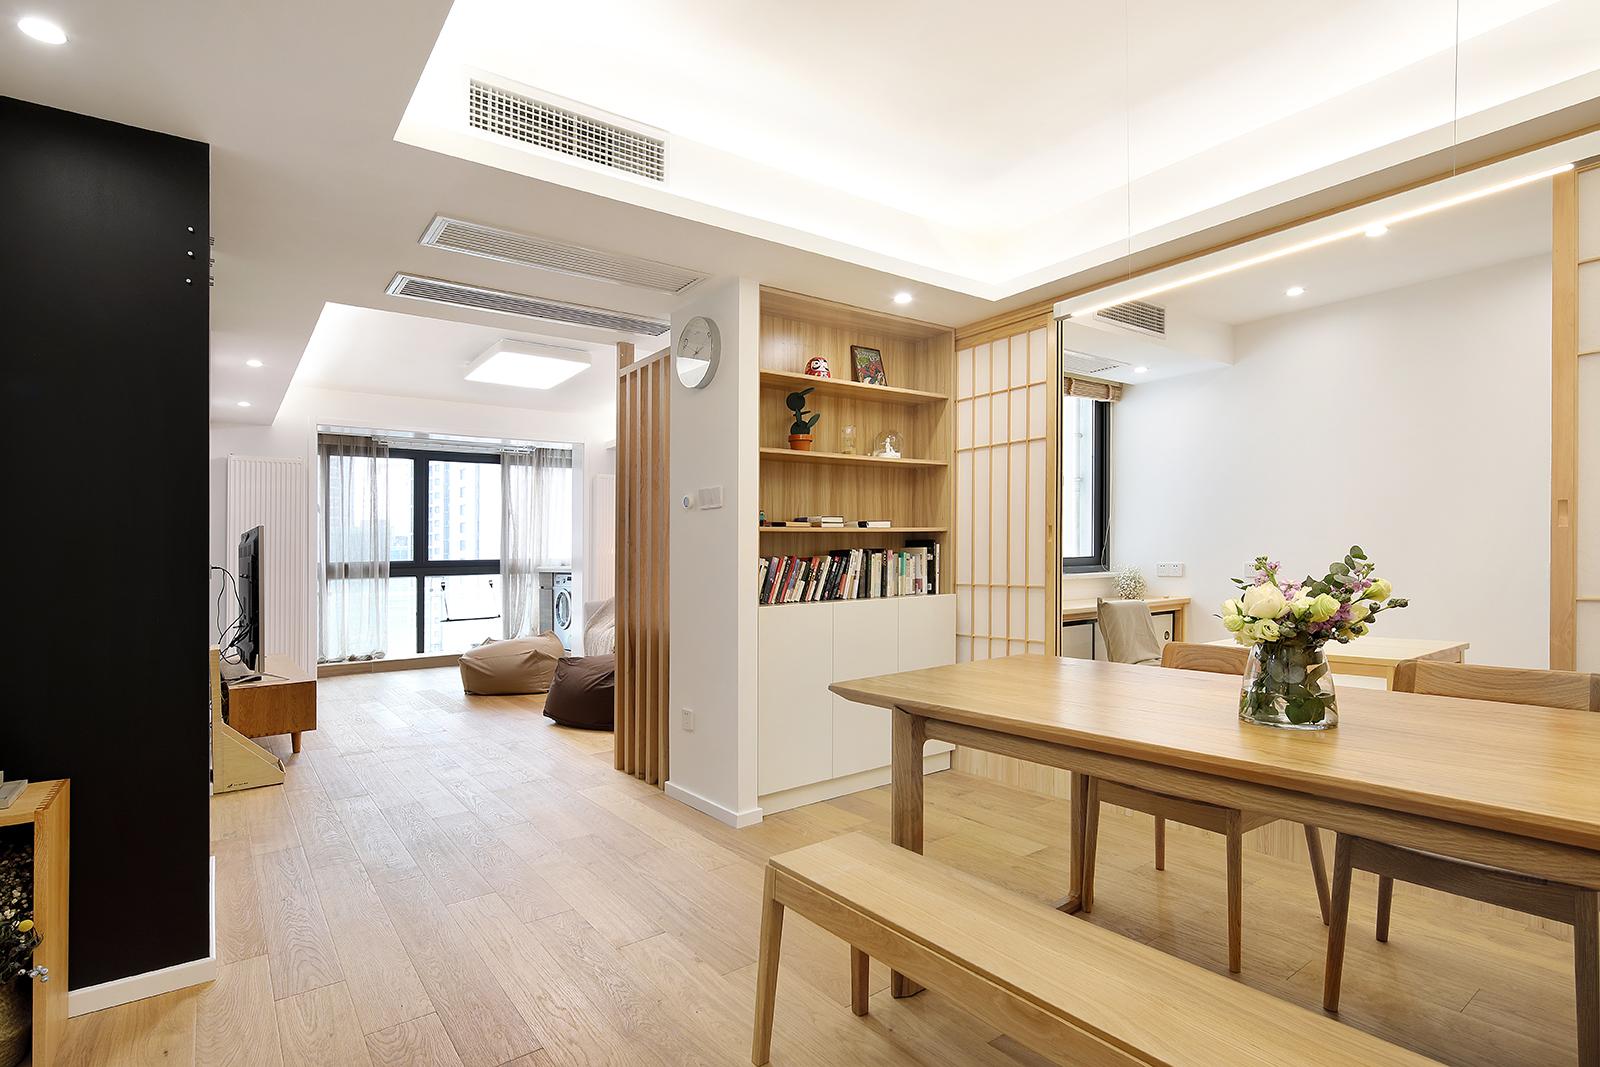 二居室简约日式家餐厅多功能橱柜设计